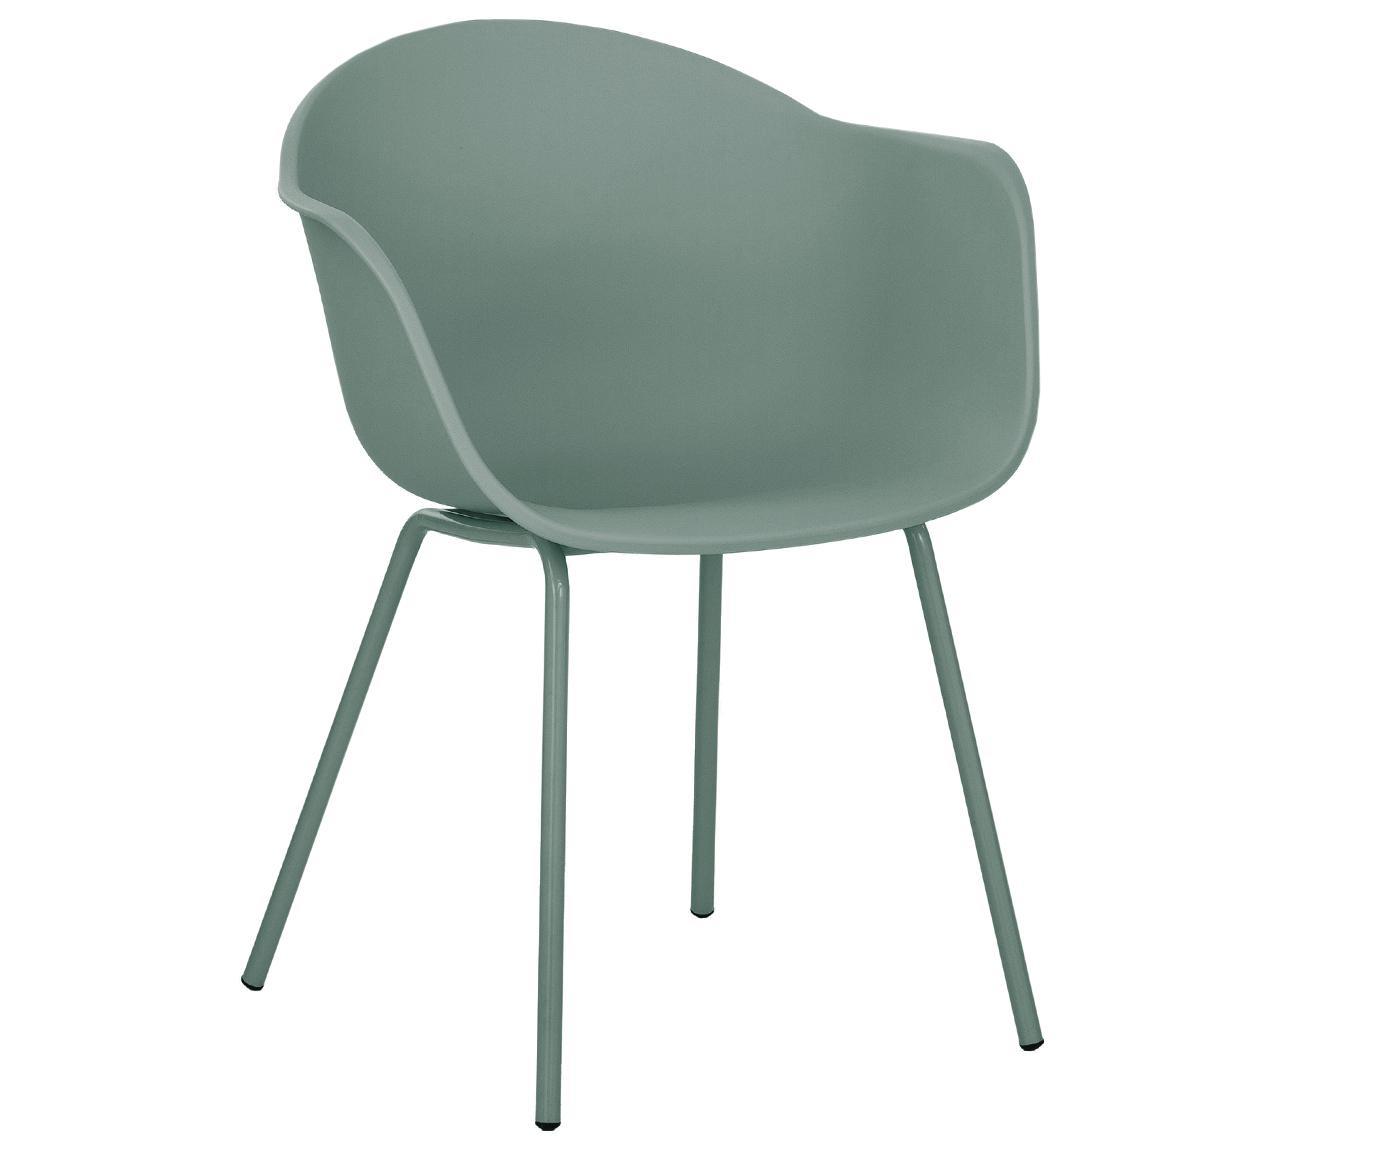 Krzesło z podłokietnikami z tworzywa sztucznego Claire, Nogi: metal malowany proszkowo, Zielony, S 54 x G 60 cm